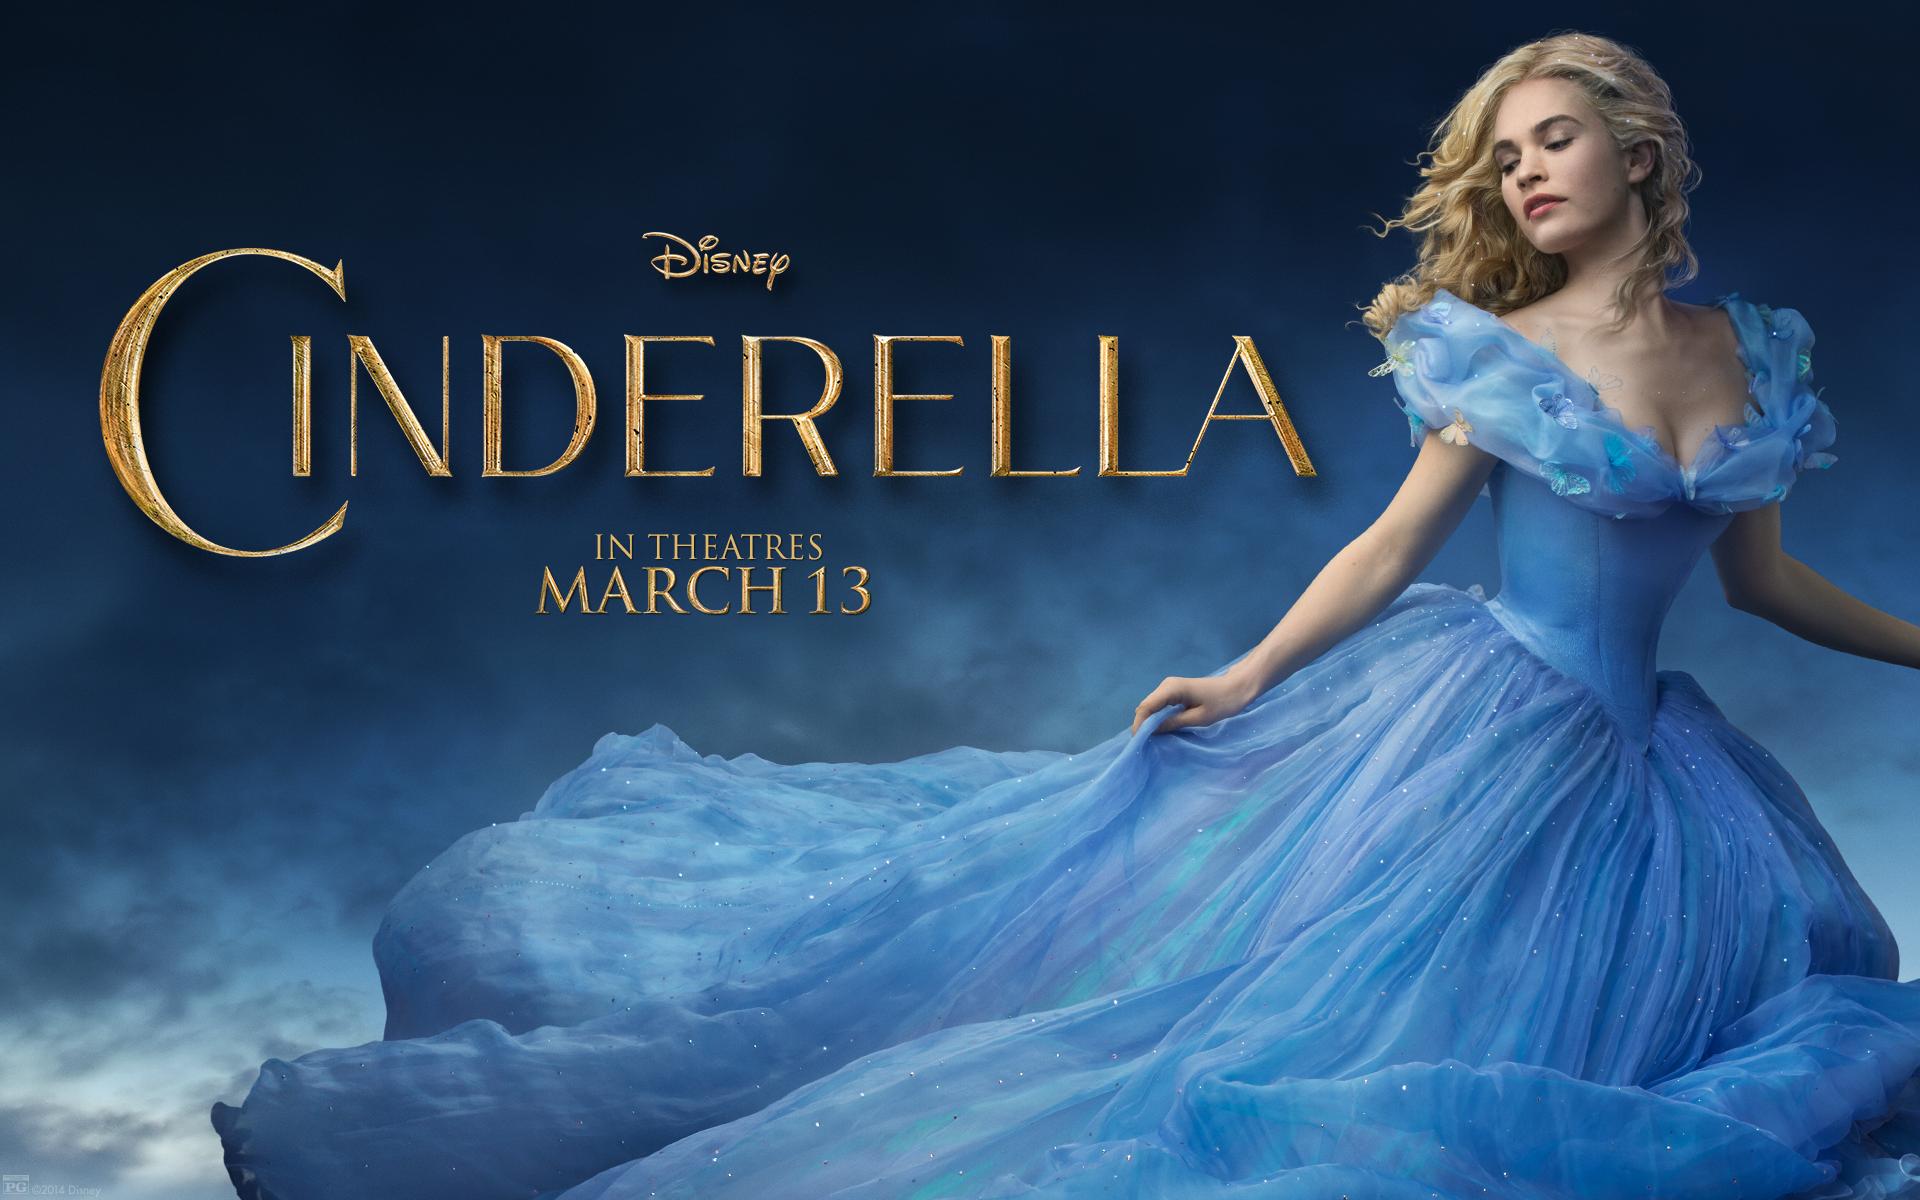 Cinderella Und Neue Film Der Tolle Kinderkostüme W2DHE9I